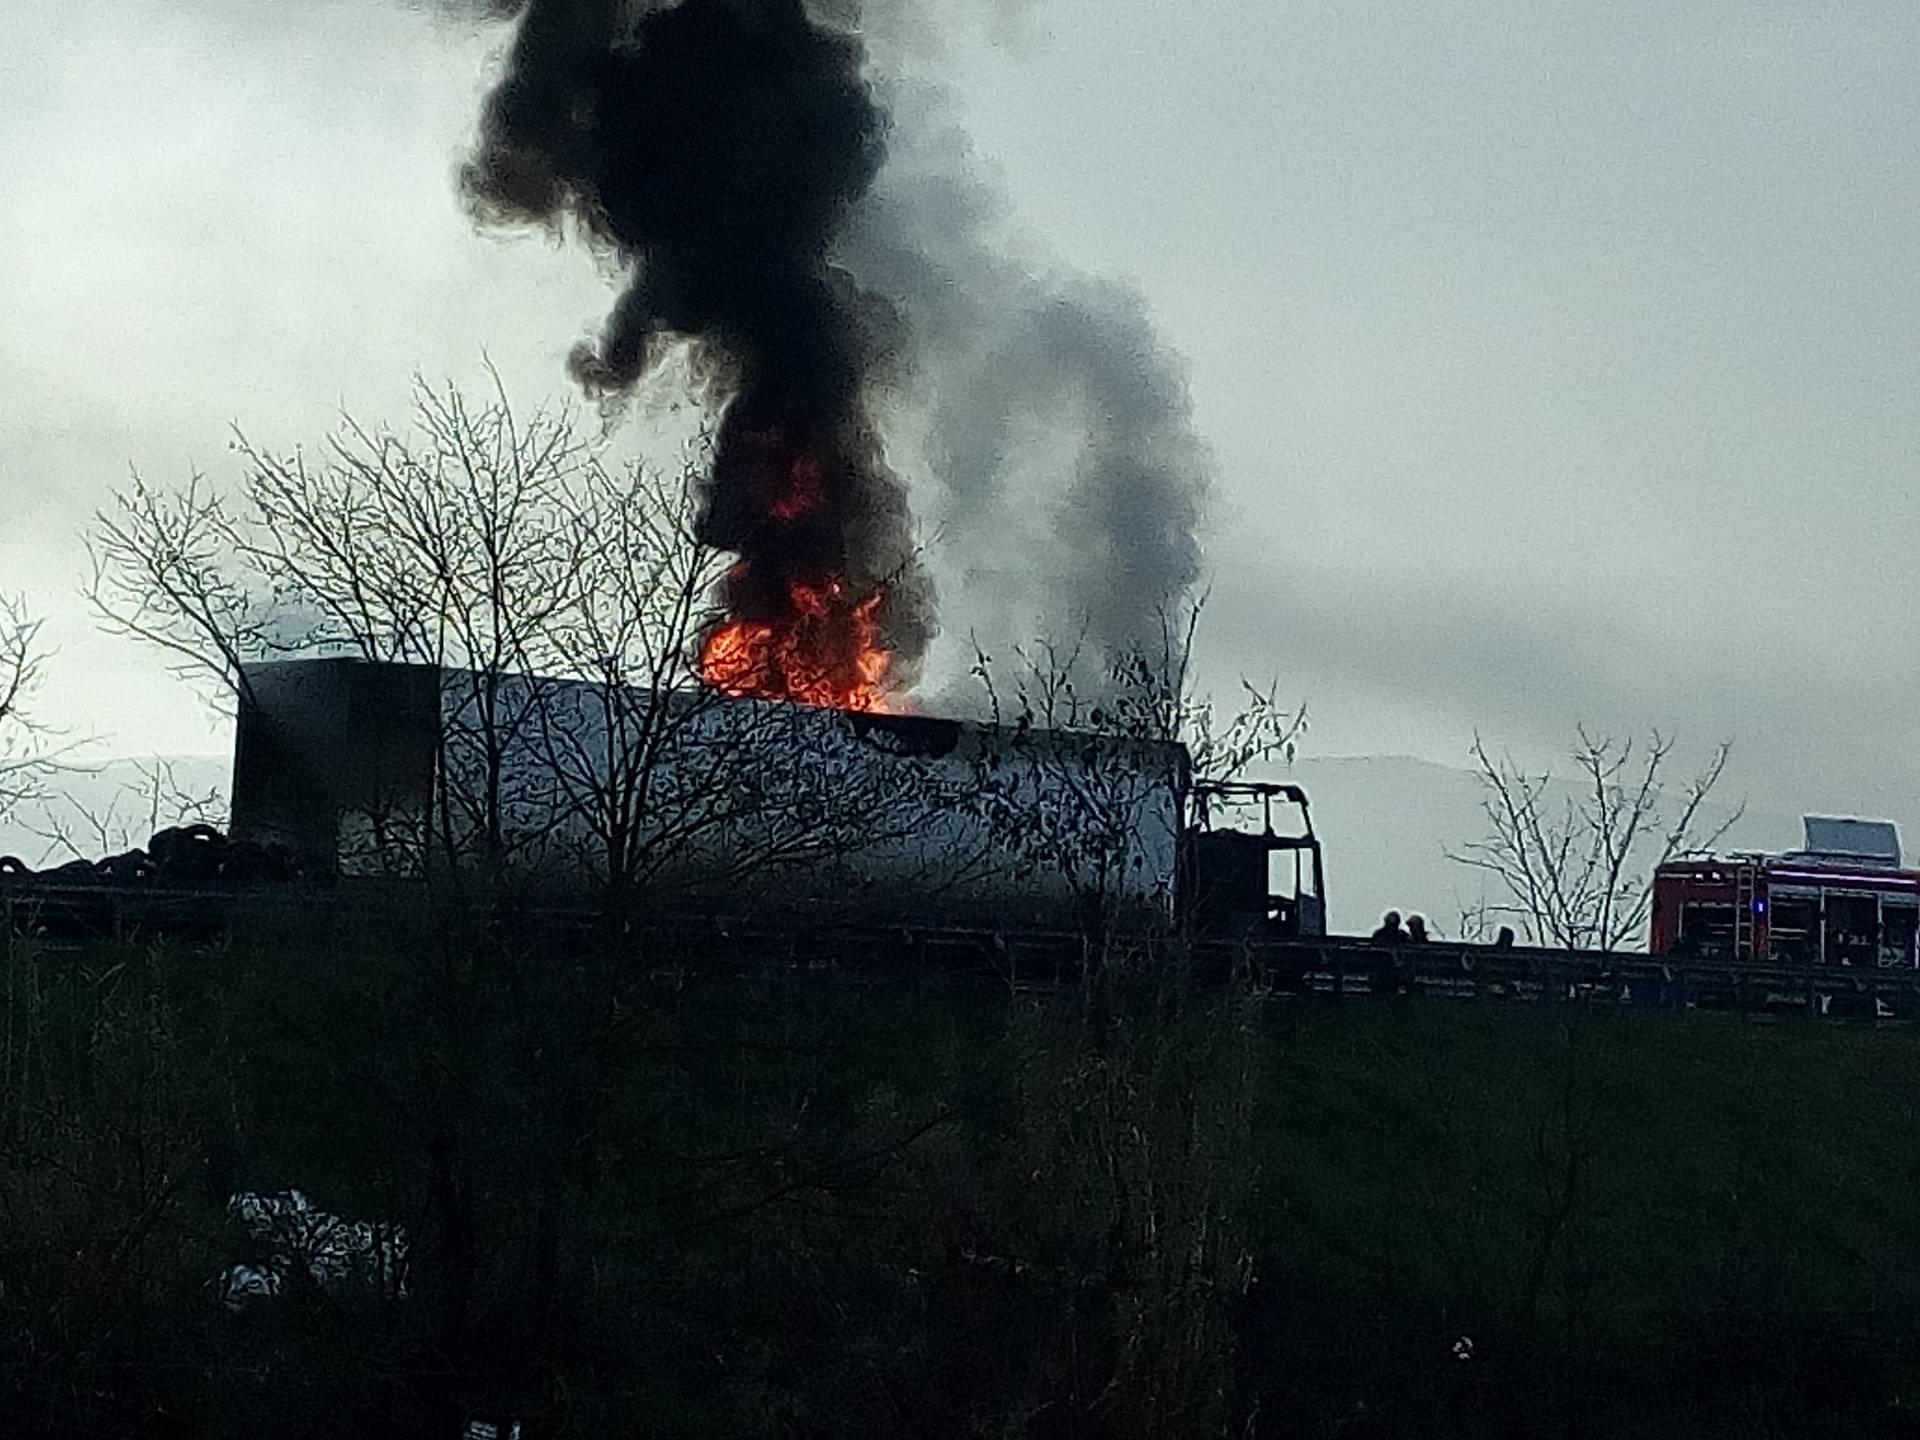 VIDEO - Camion carico di pneumatici in fiamme lungo la Salerno-Reggio Calabria